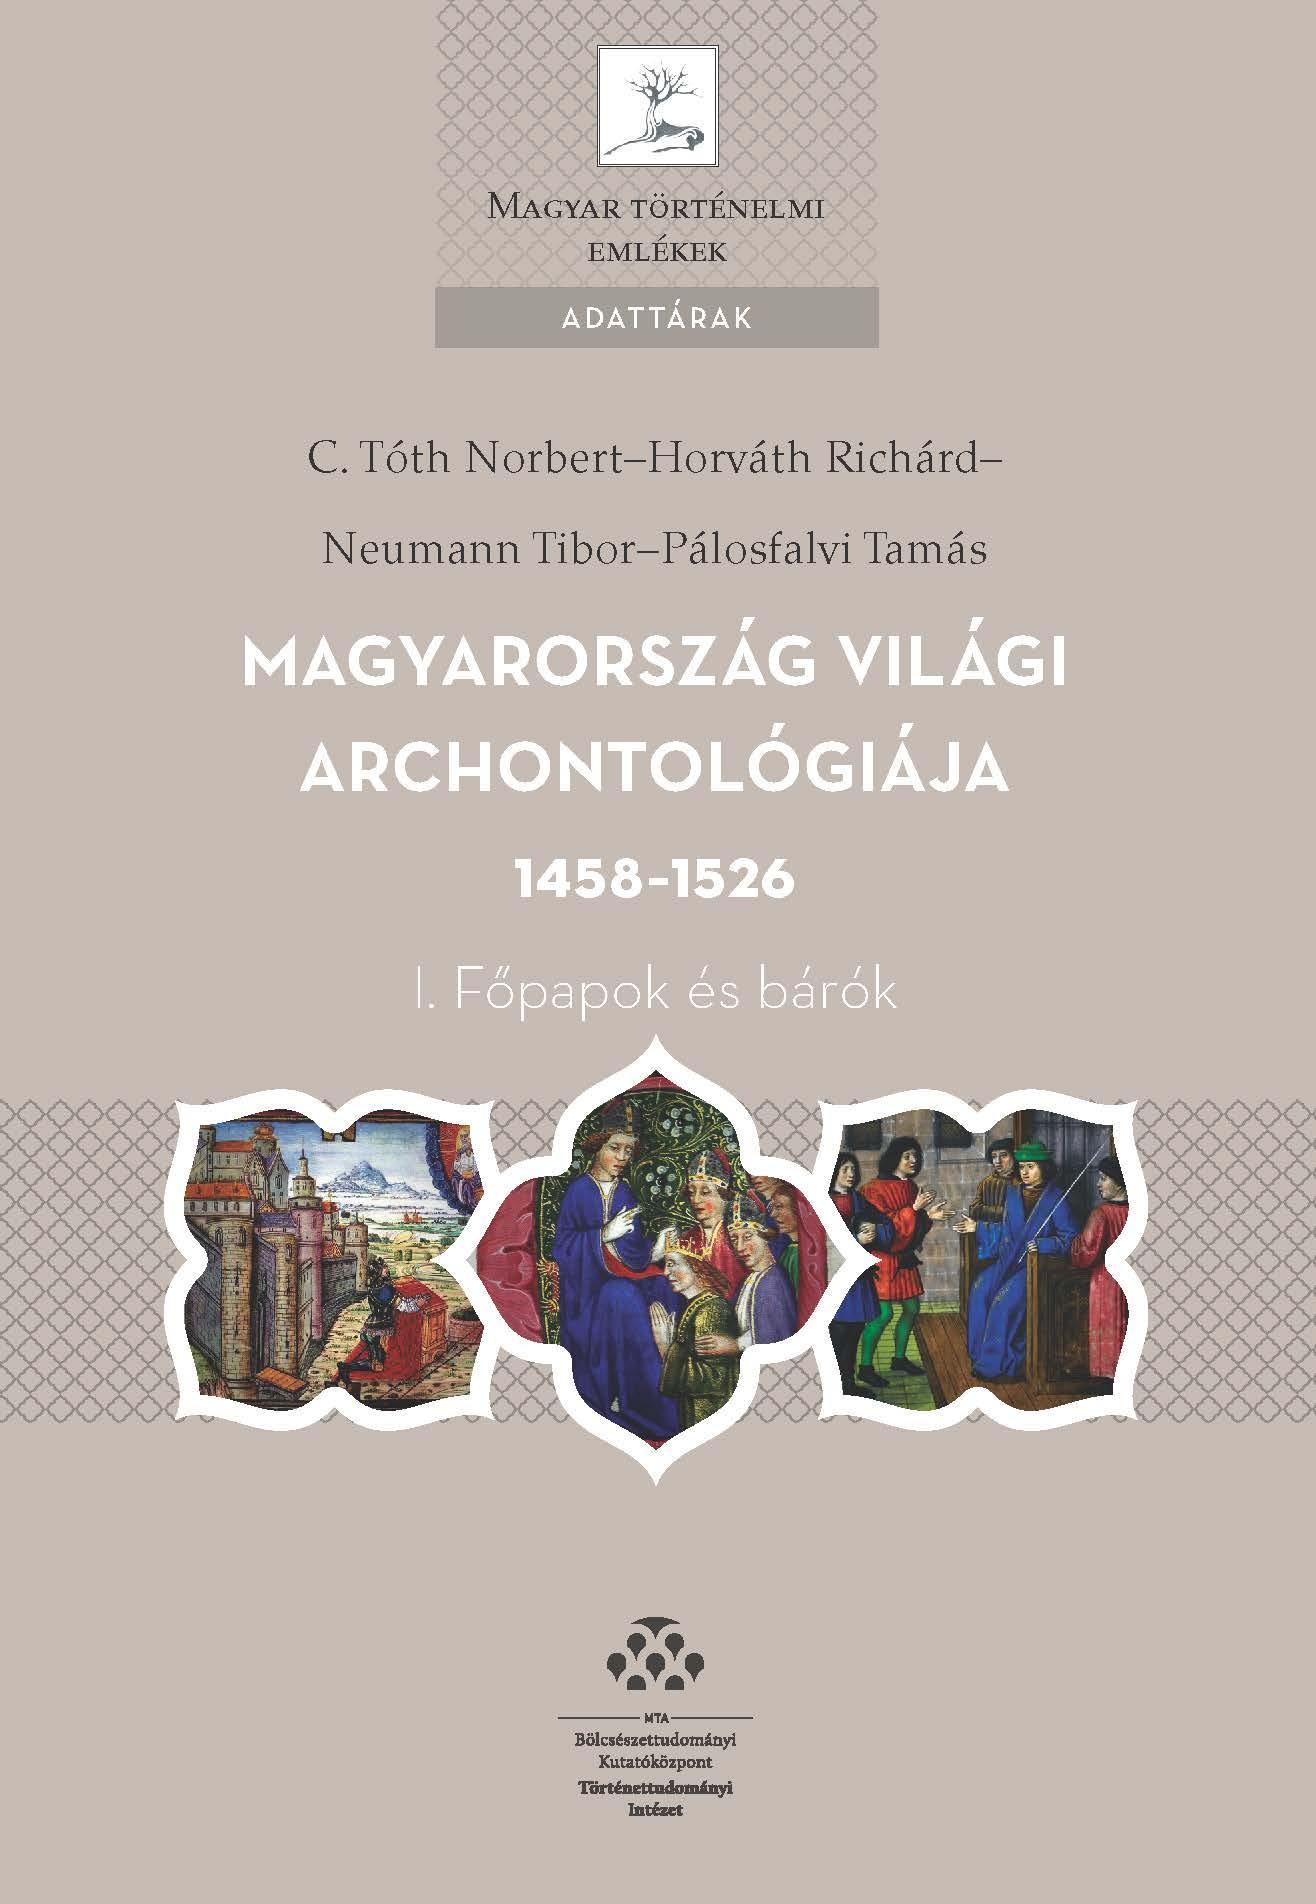 MAGYARORSZÁG VILÁGI ARCHONTOLÓGIÁJA 1458-1526 - I. FŐPAPOK ÉS BÁRÓK